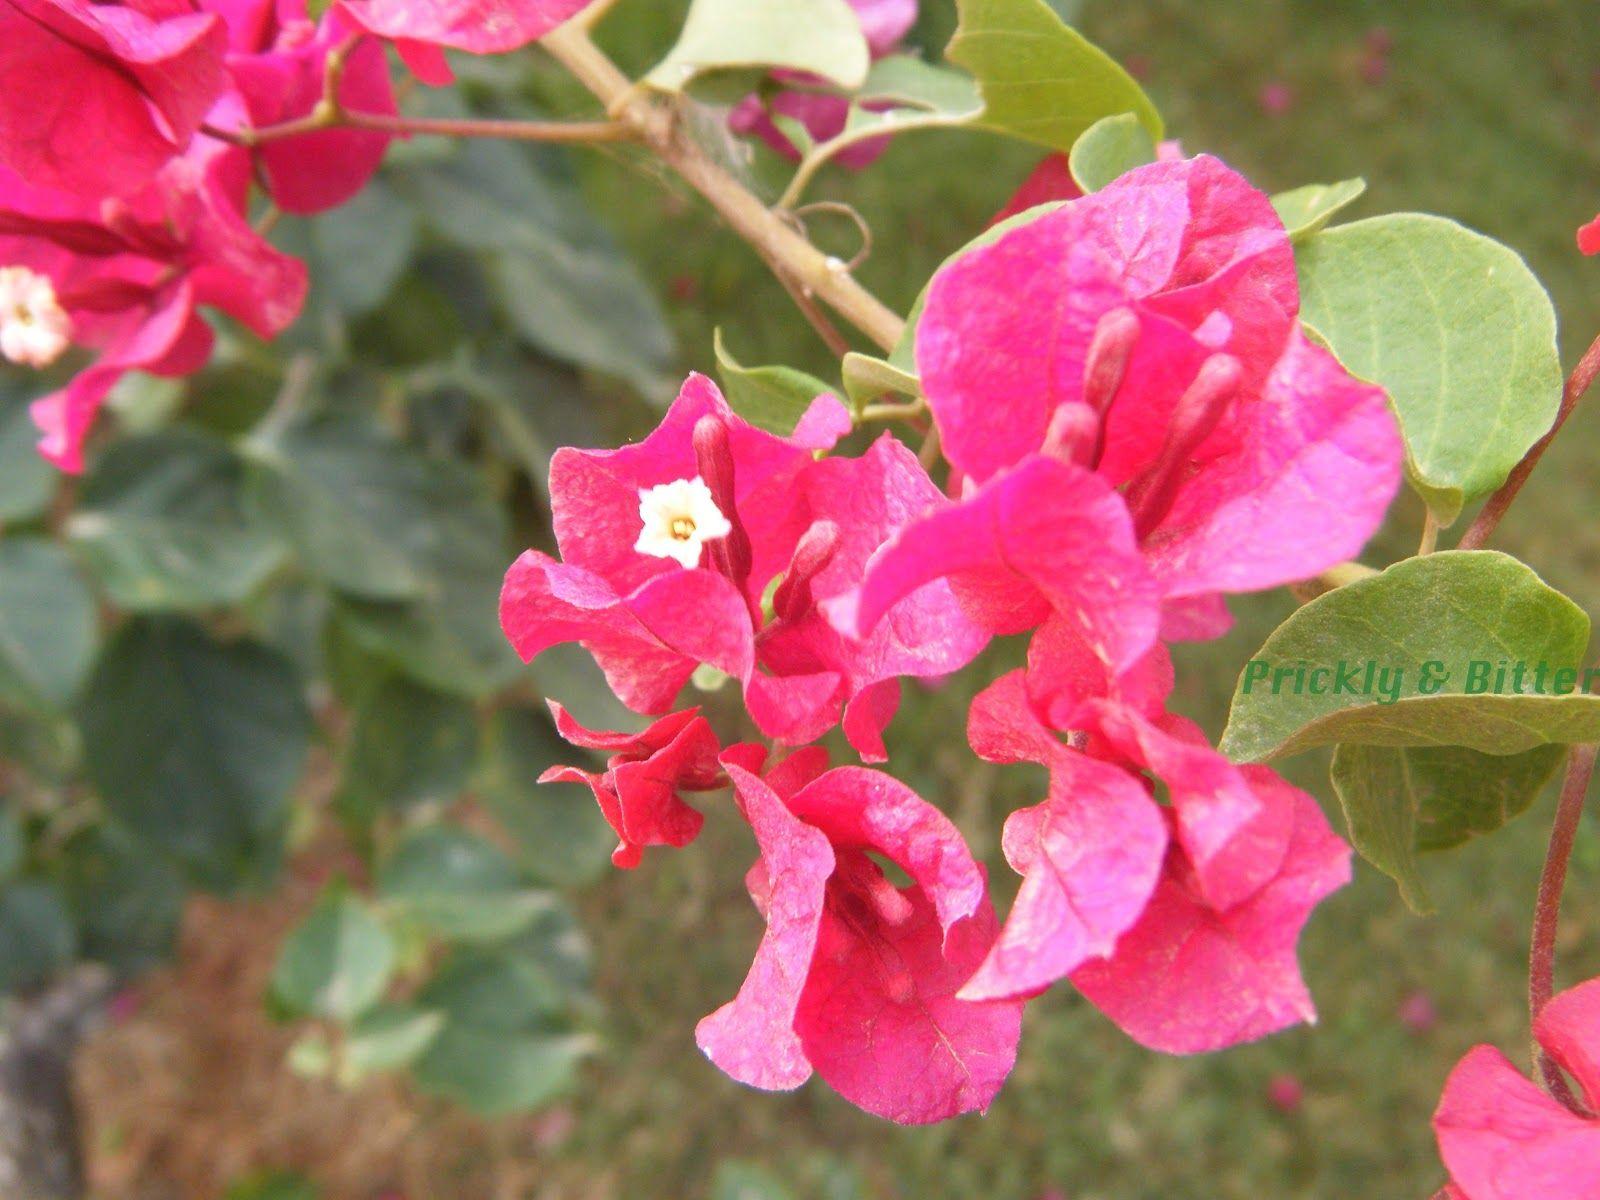 When a flower isn't a flower part 1 Parts of a flower